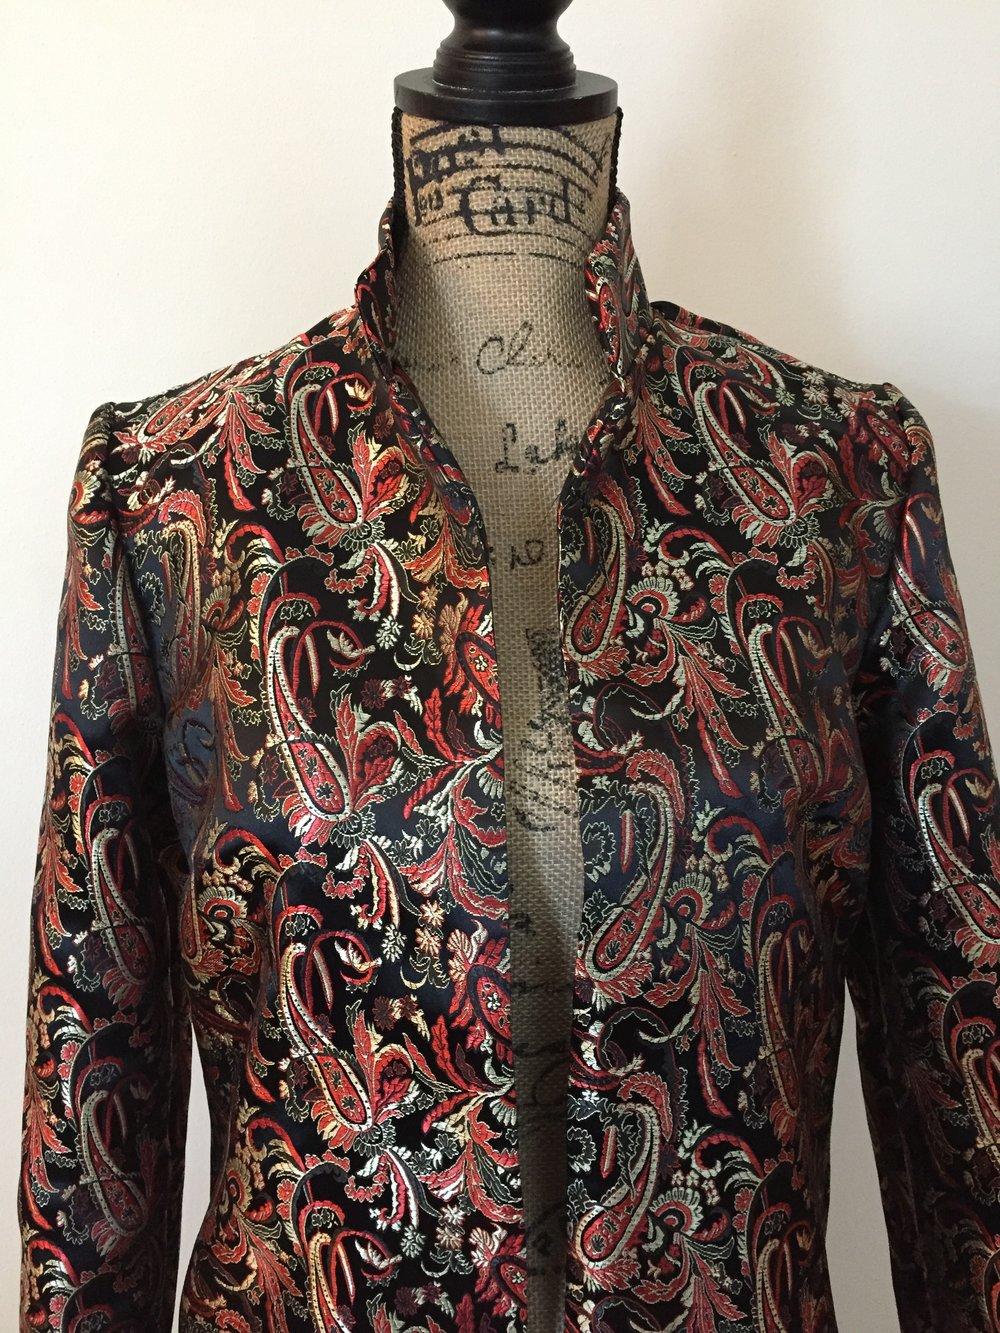 Brocade Jacket